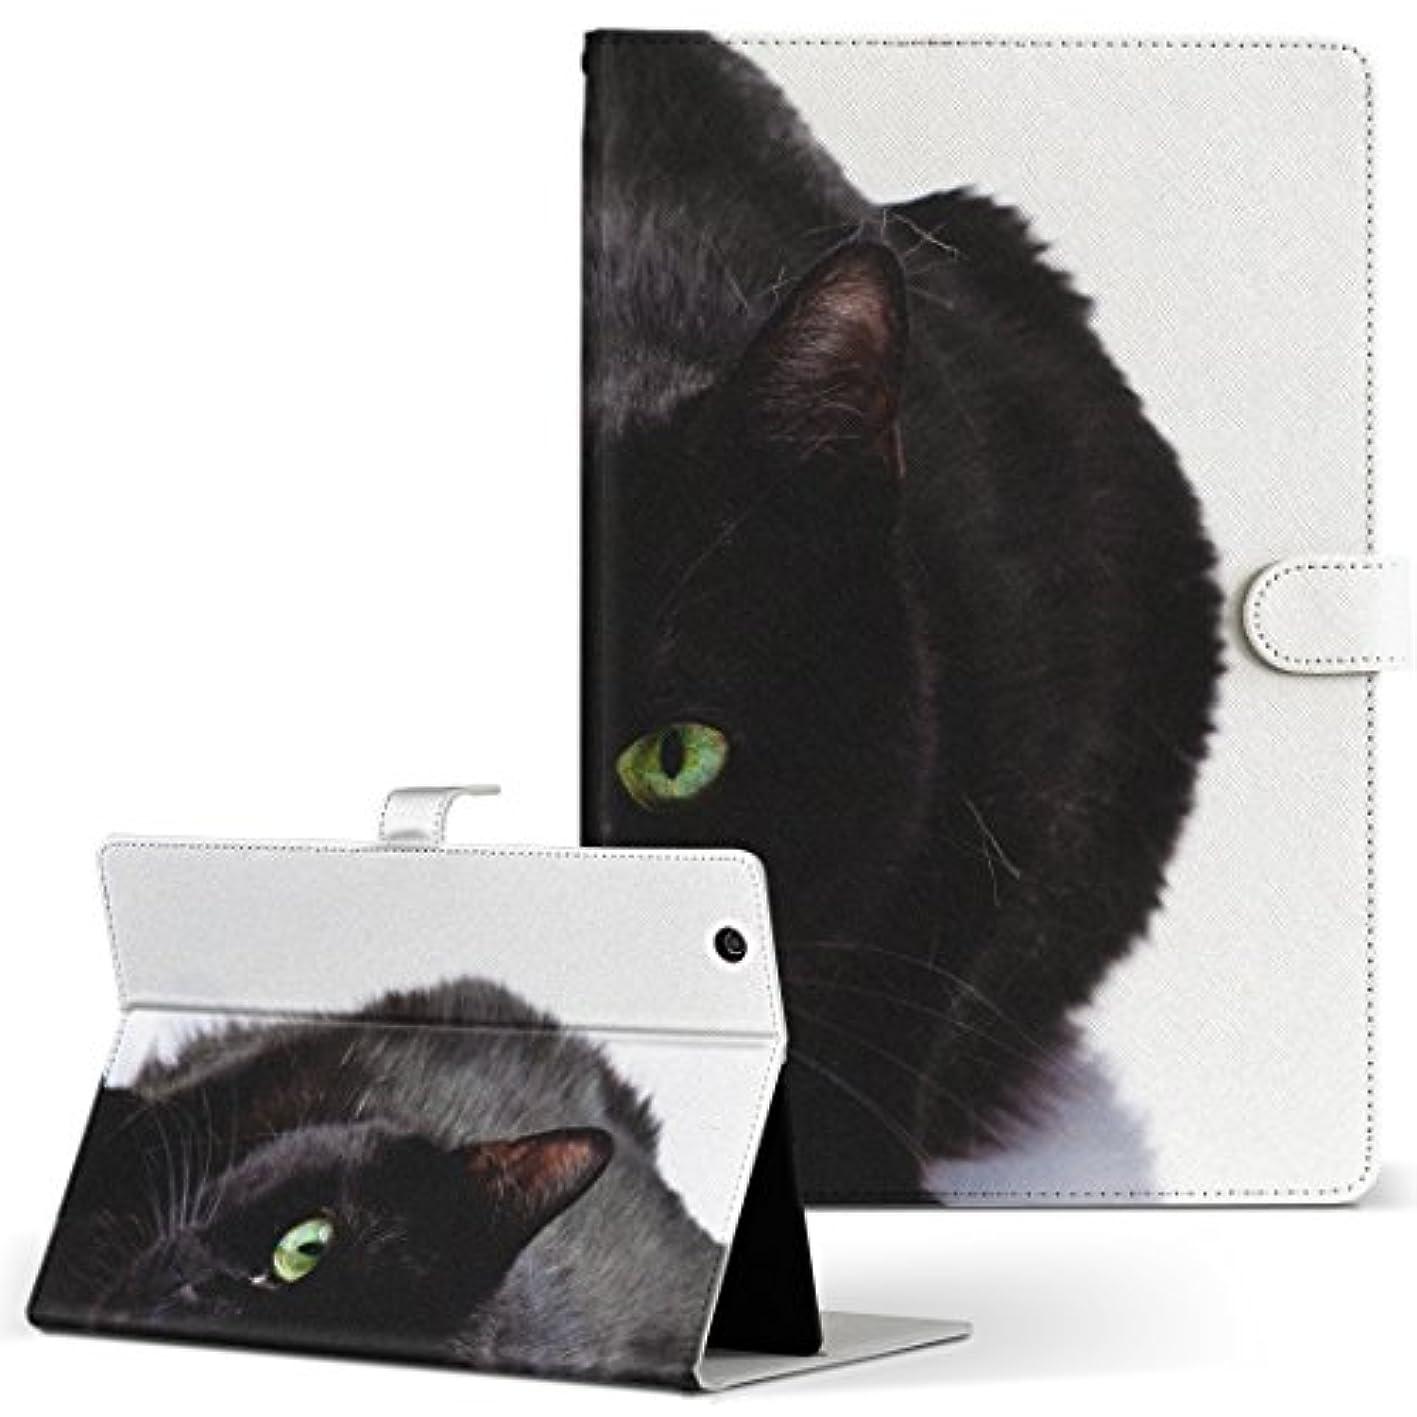 広範囲にけん引進化するFire HD 10 専用ケース カバー Fire HD 10 (第7世代?2017年リリース) ケース PUレザー 手帳型 タブレットケース タブレットカバー 005958